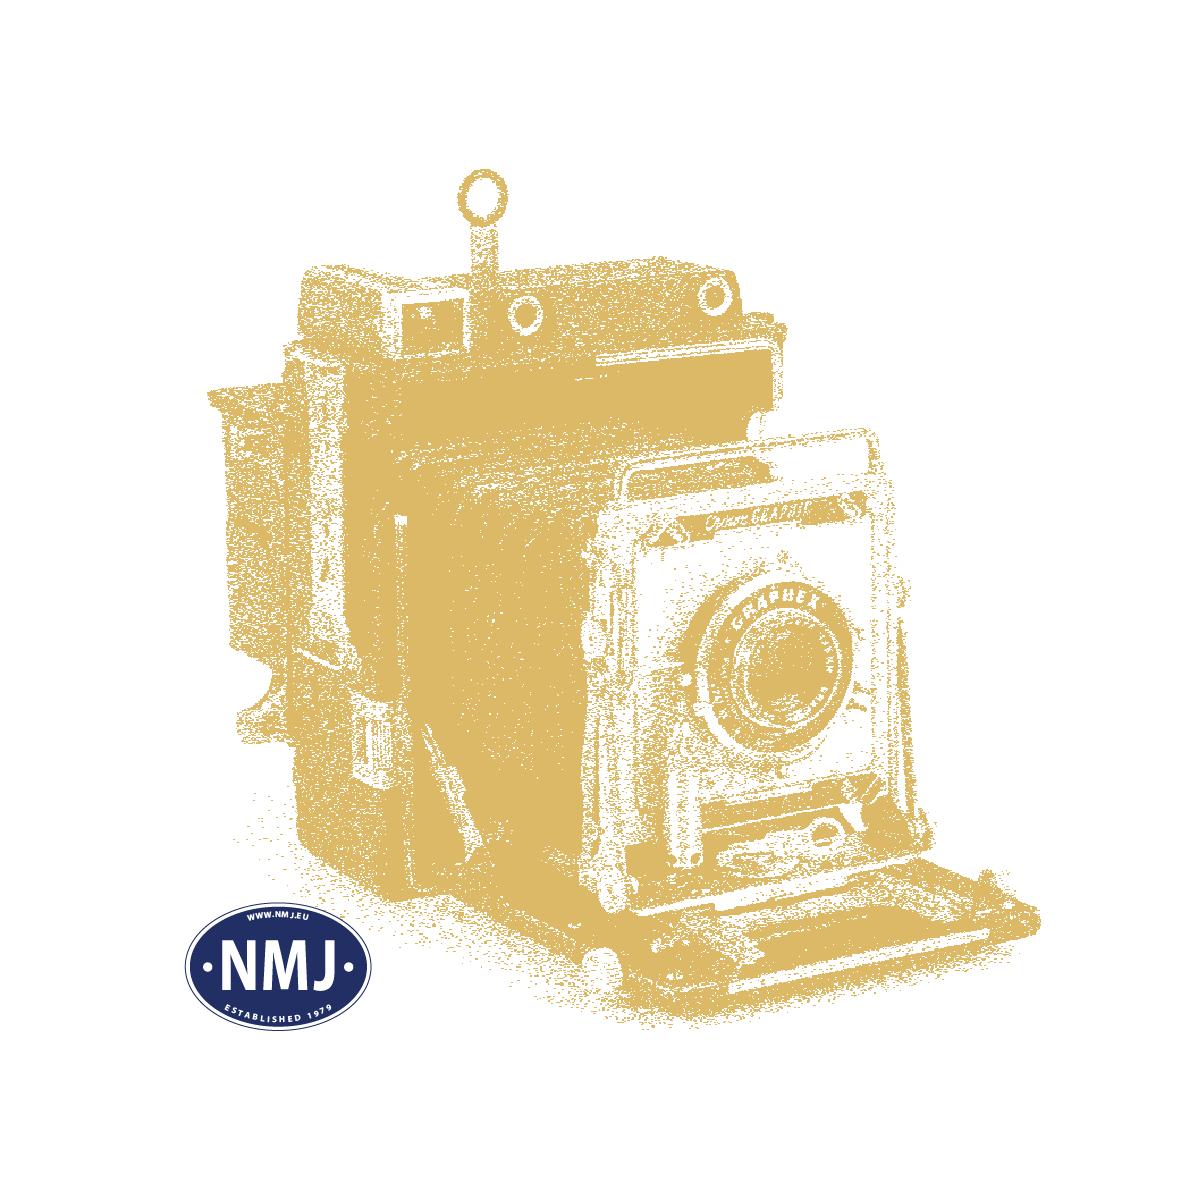 MRHGT-037 - Mr. Cotton Swab Set, Standard Type